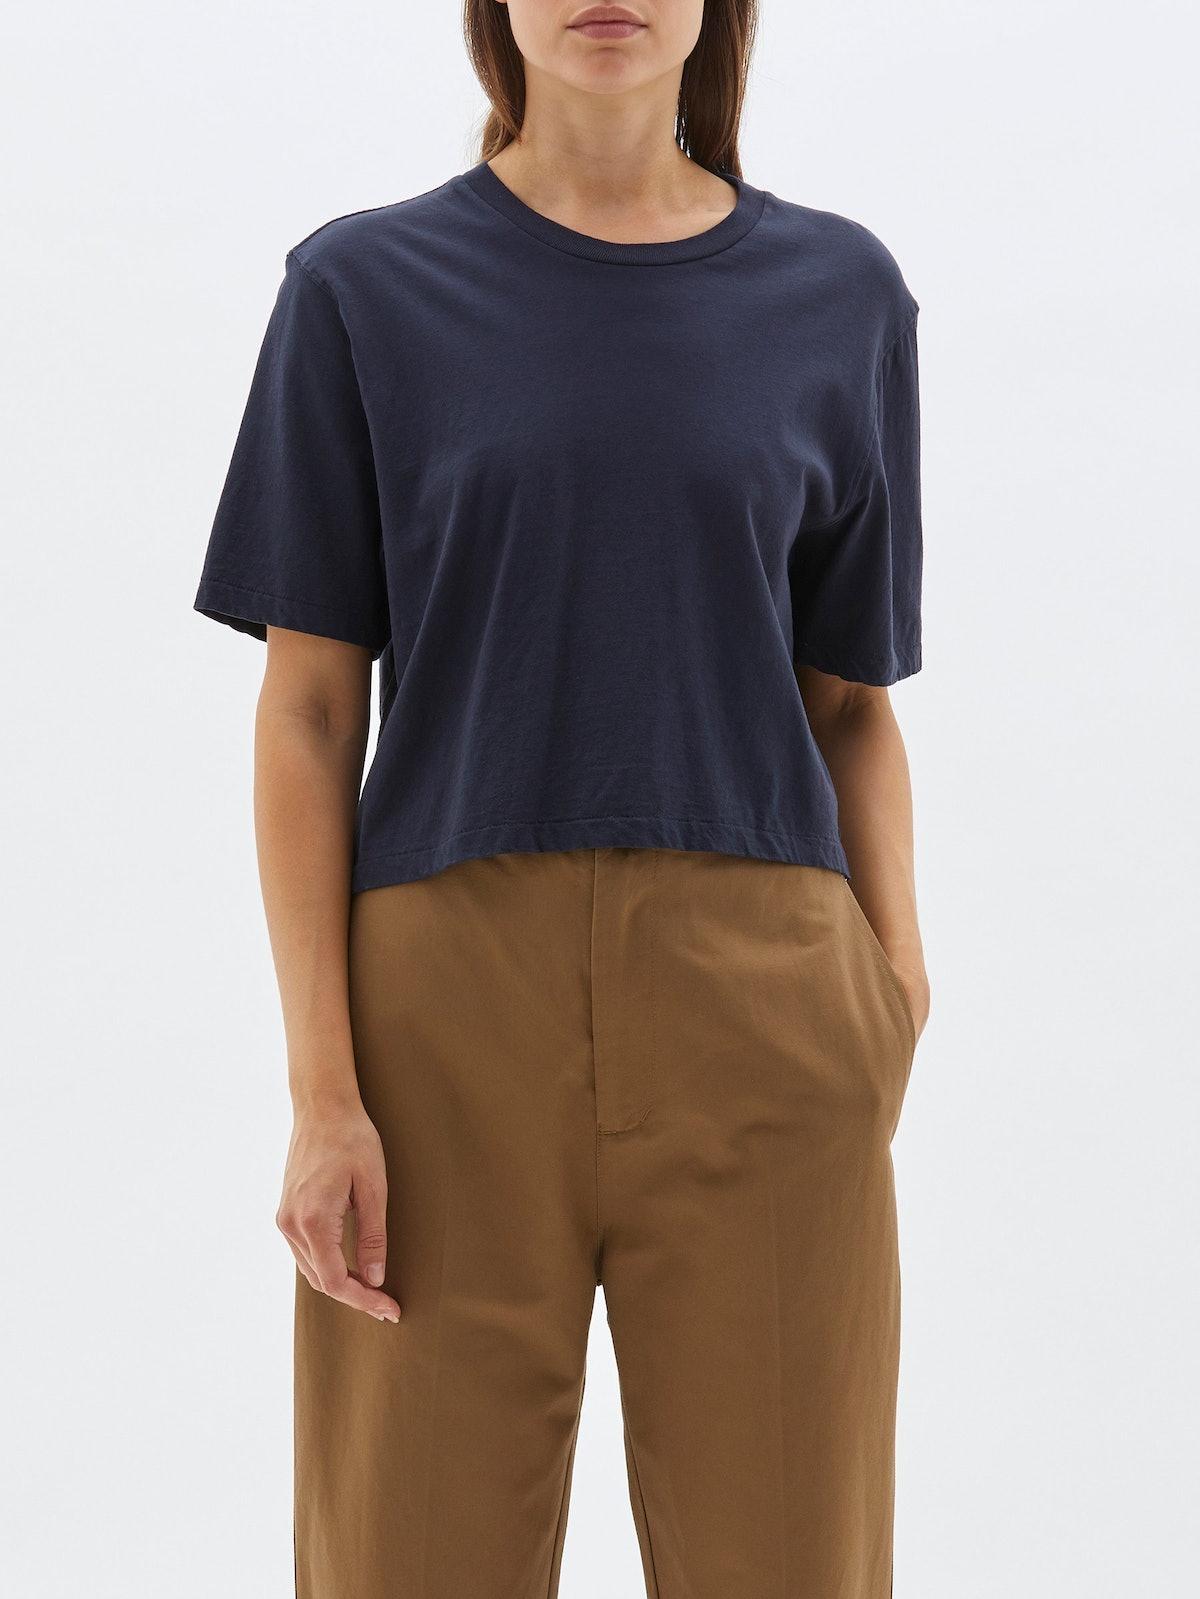 Cropped Boxy Short Sleeve T-Shirt